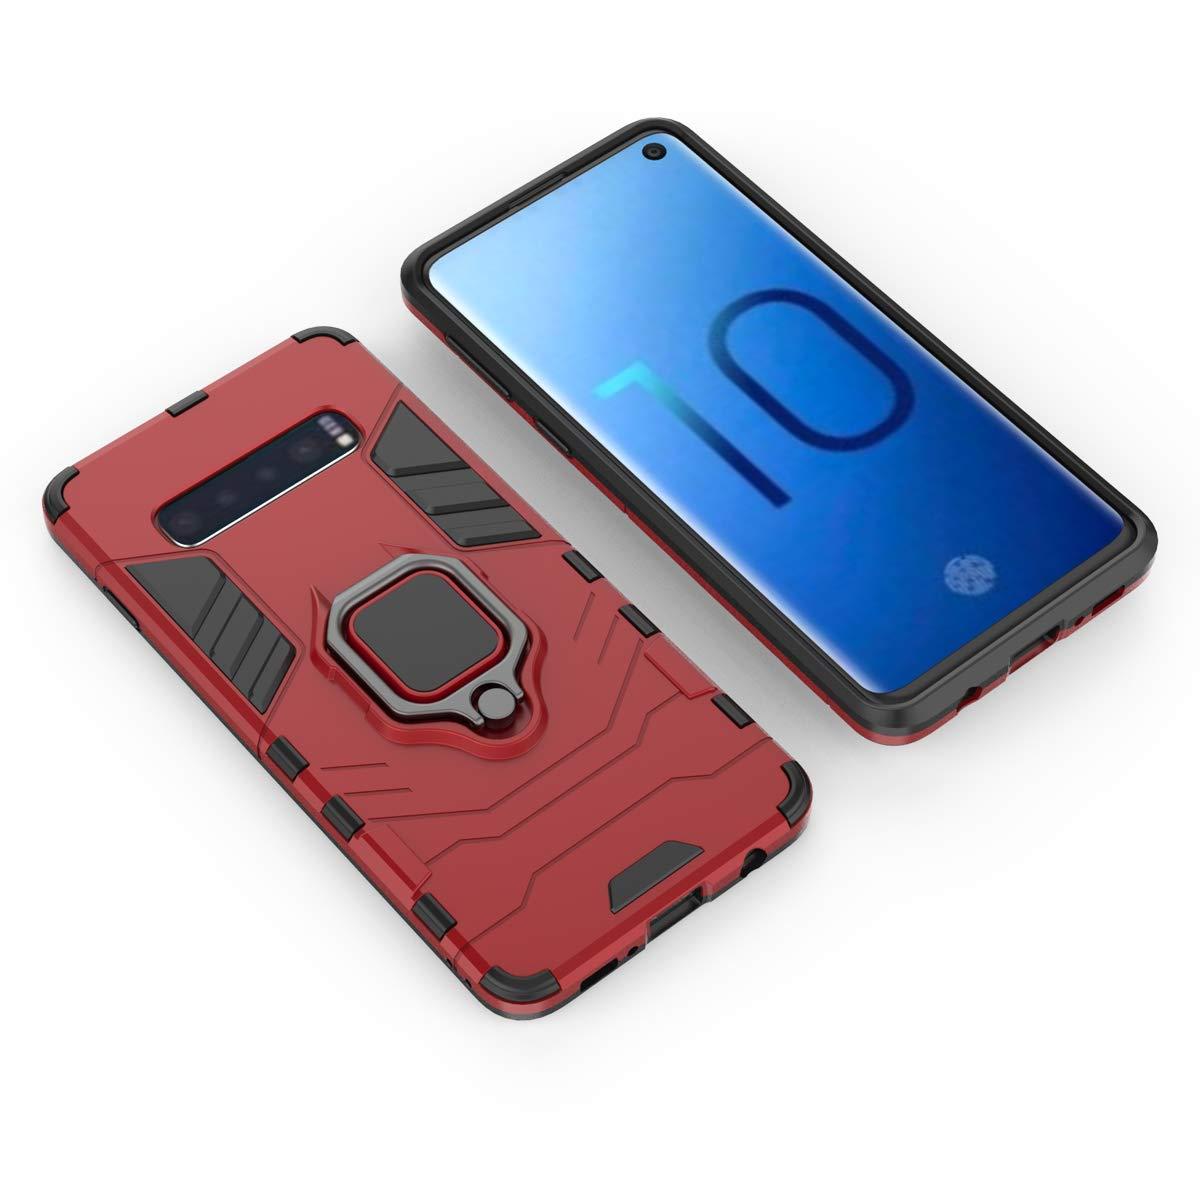 2X Vidrio Templado Silicona Doble Caja Protectora A Prueba de Golpes+Soporte de Anillo Magn/ético,PC+TPU Anti-ca/ída Caso-Negro LsYun Funda Compatible para Samsung Galaxy A30S//A50//A50S Carcasa